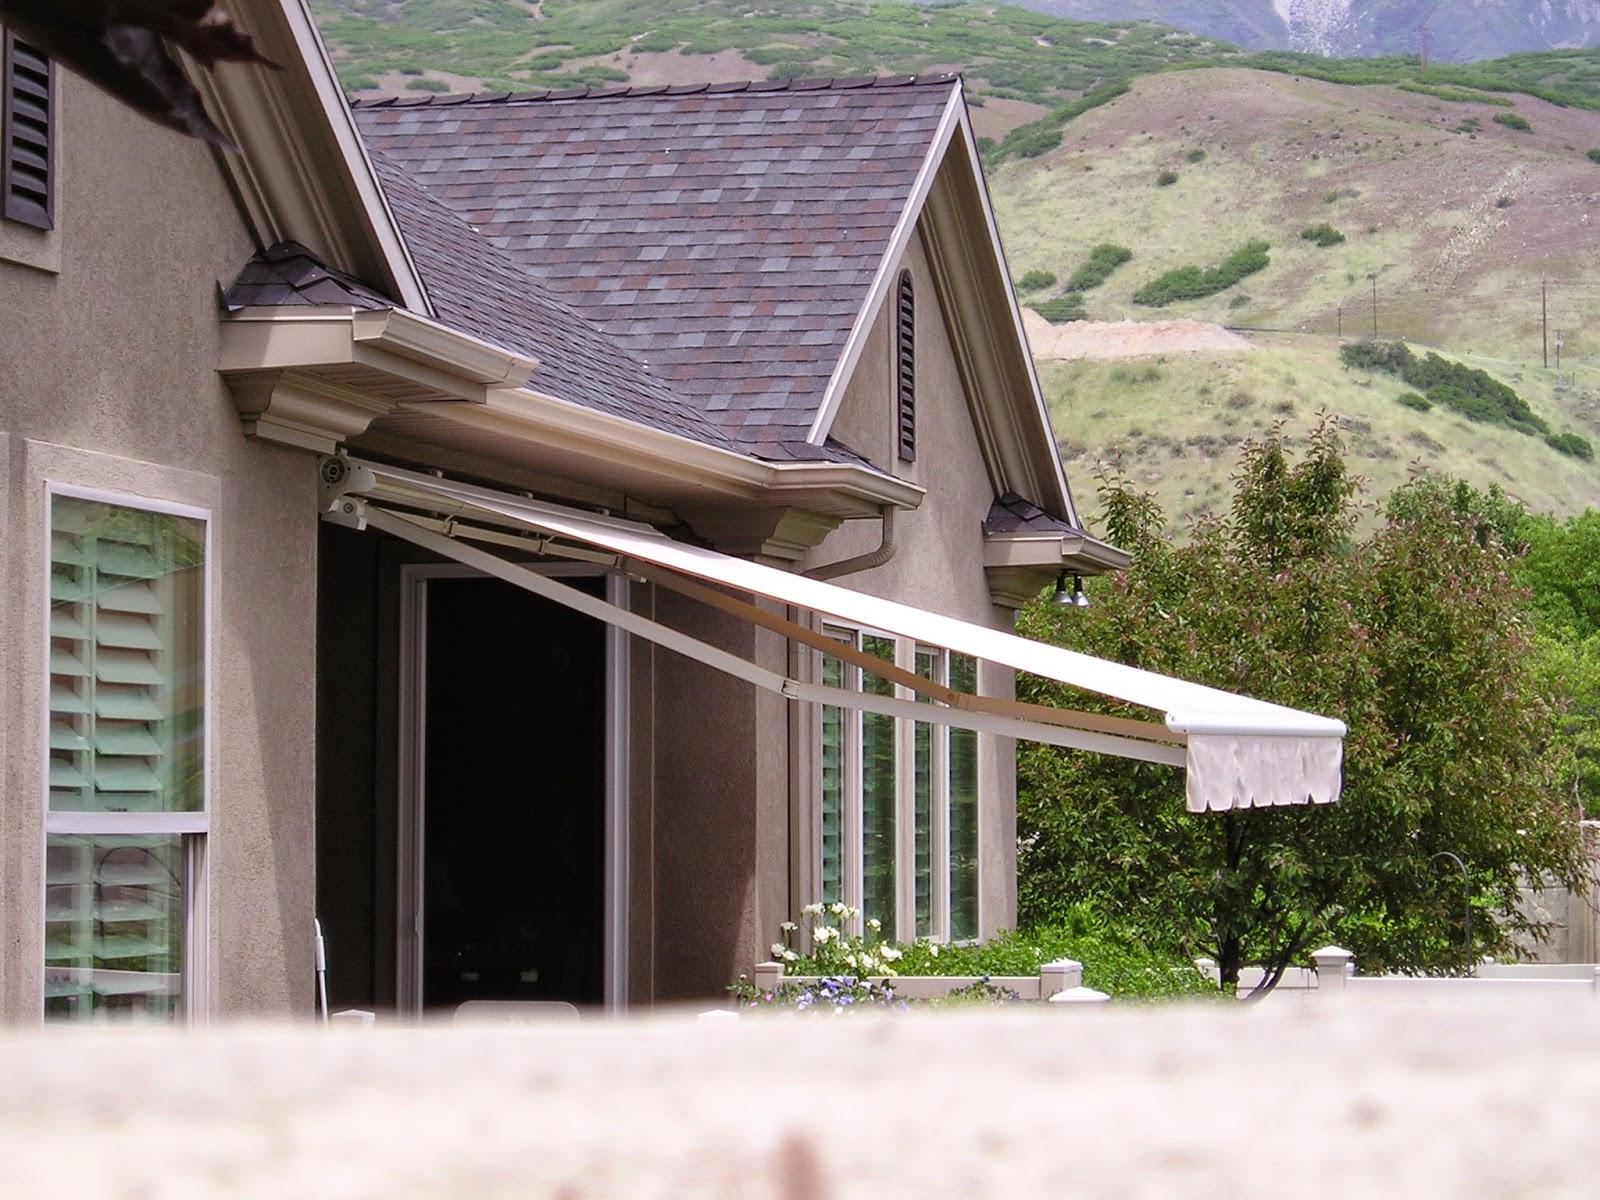 Huish s Awnings Pergolas & More Serving Utah Since 1936